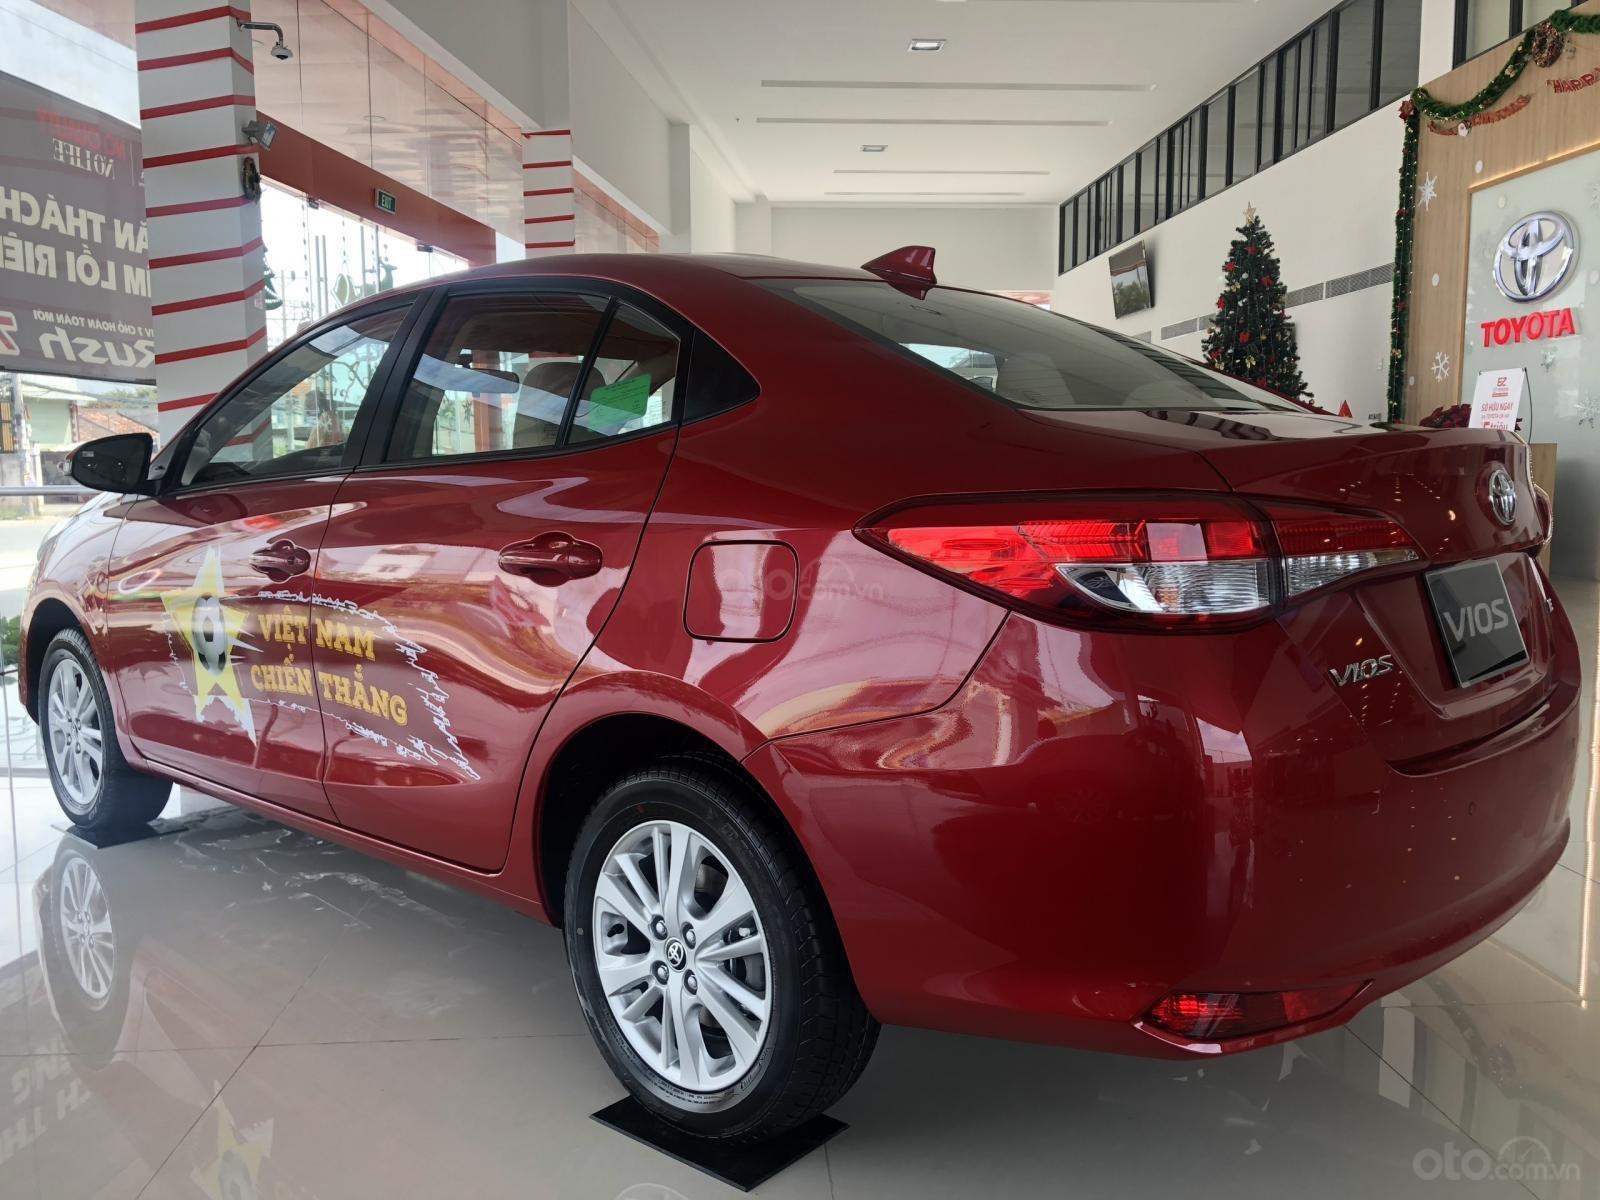 Toyota Vios 2019, khuyến mãi lớn, tặng trọn bộ phụ kiện chính hãng, LS trả góp 3,99%/năm-1